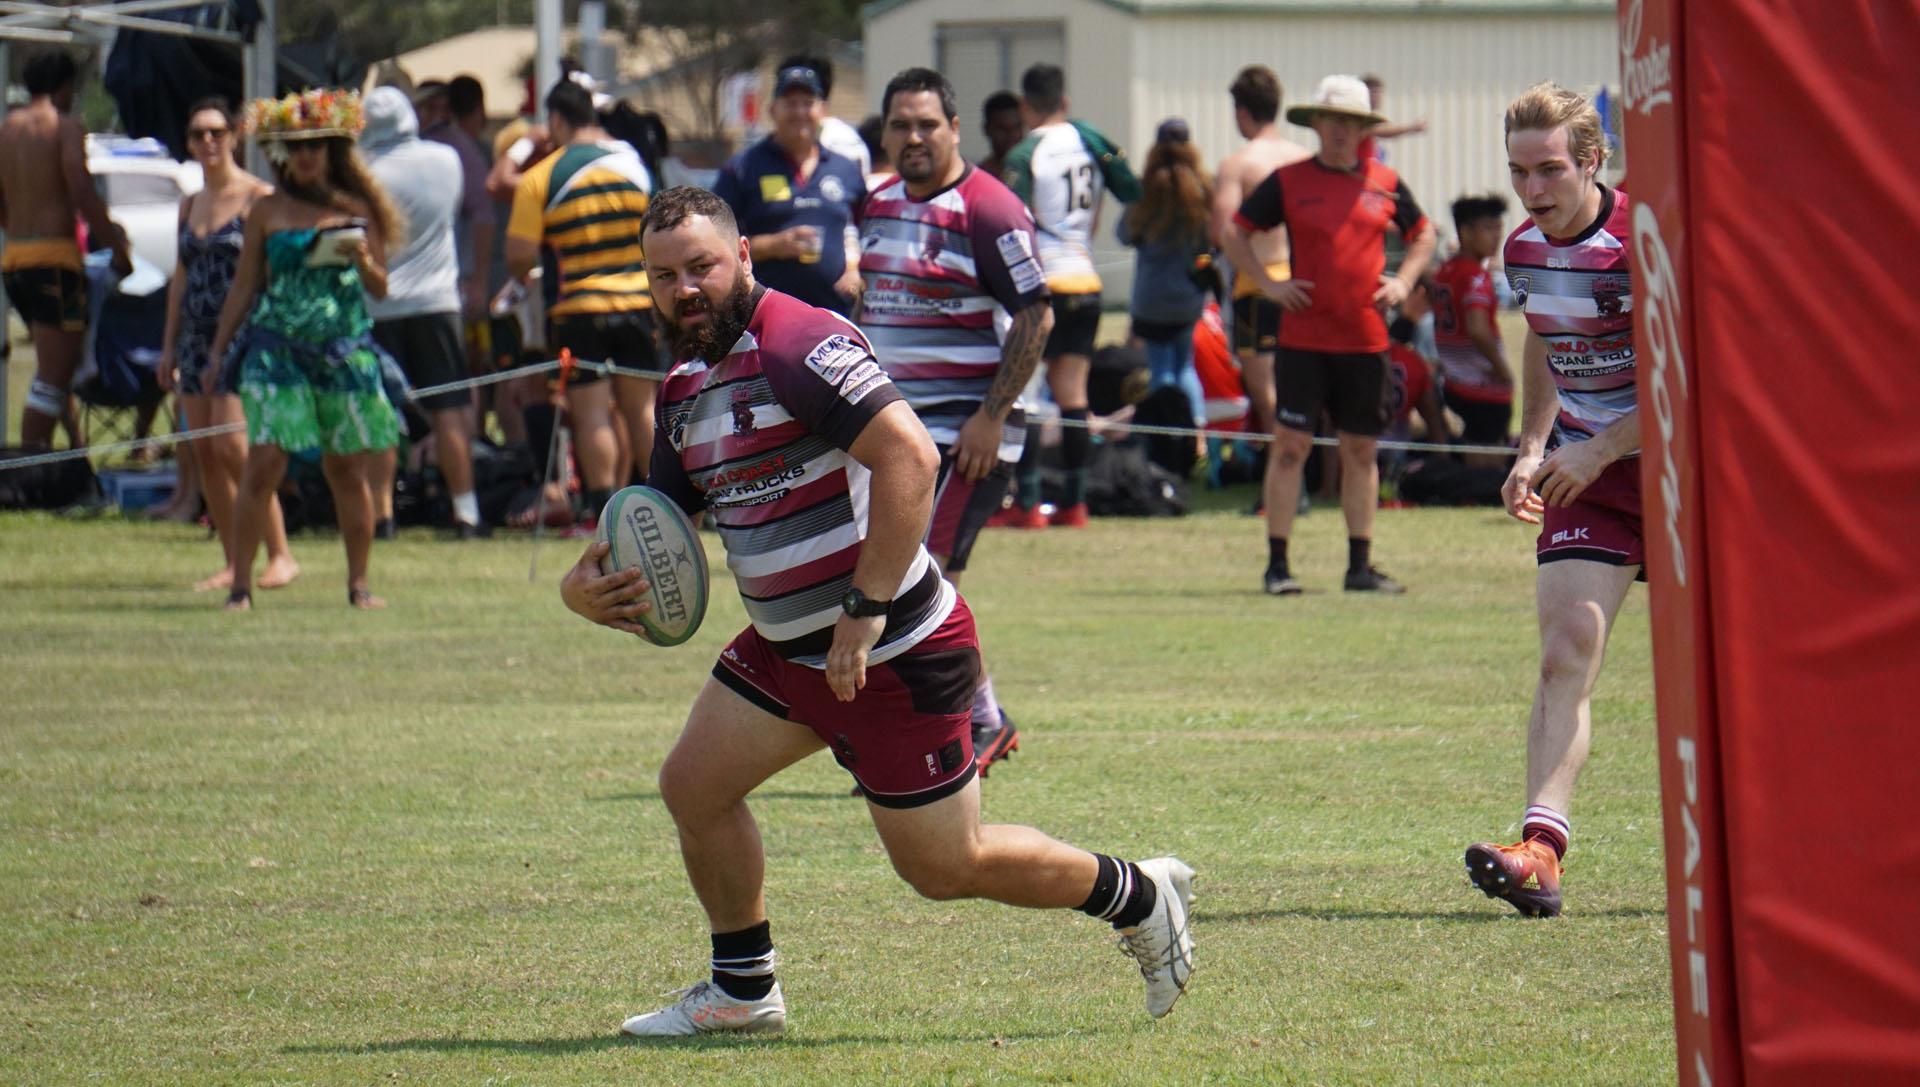 191019-20_Byron Bay Rugby 7s 2019_158